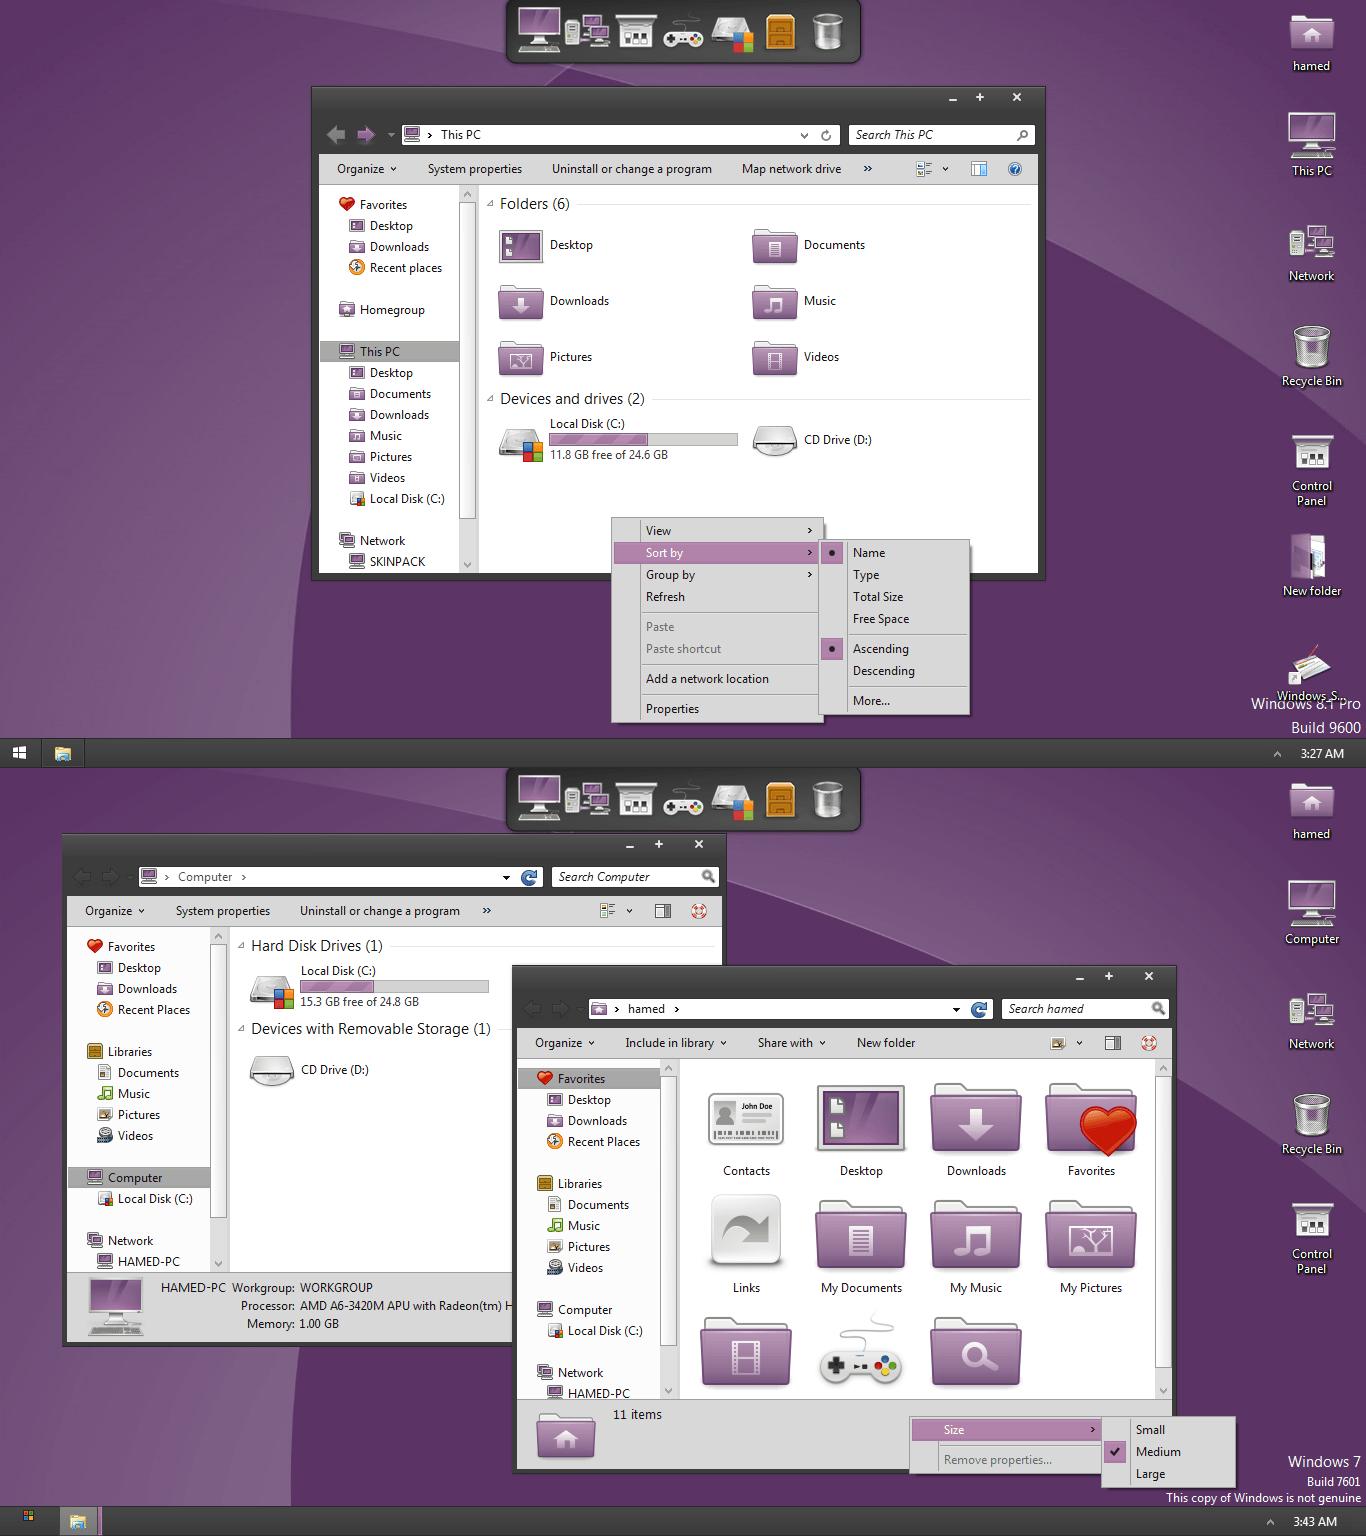 Noble skinpack for windows 7 8 1 for Noble windows